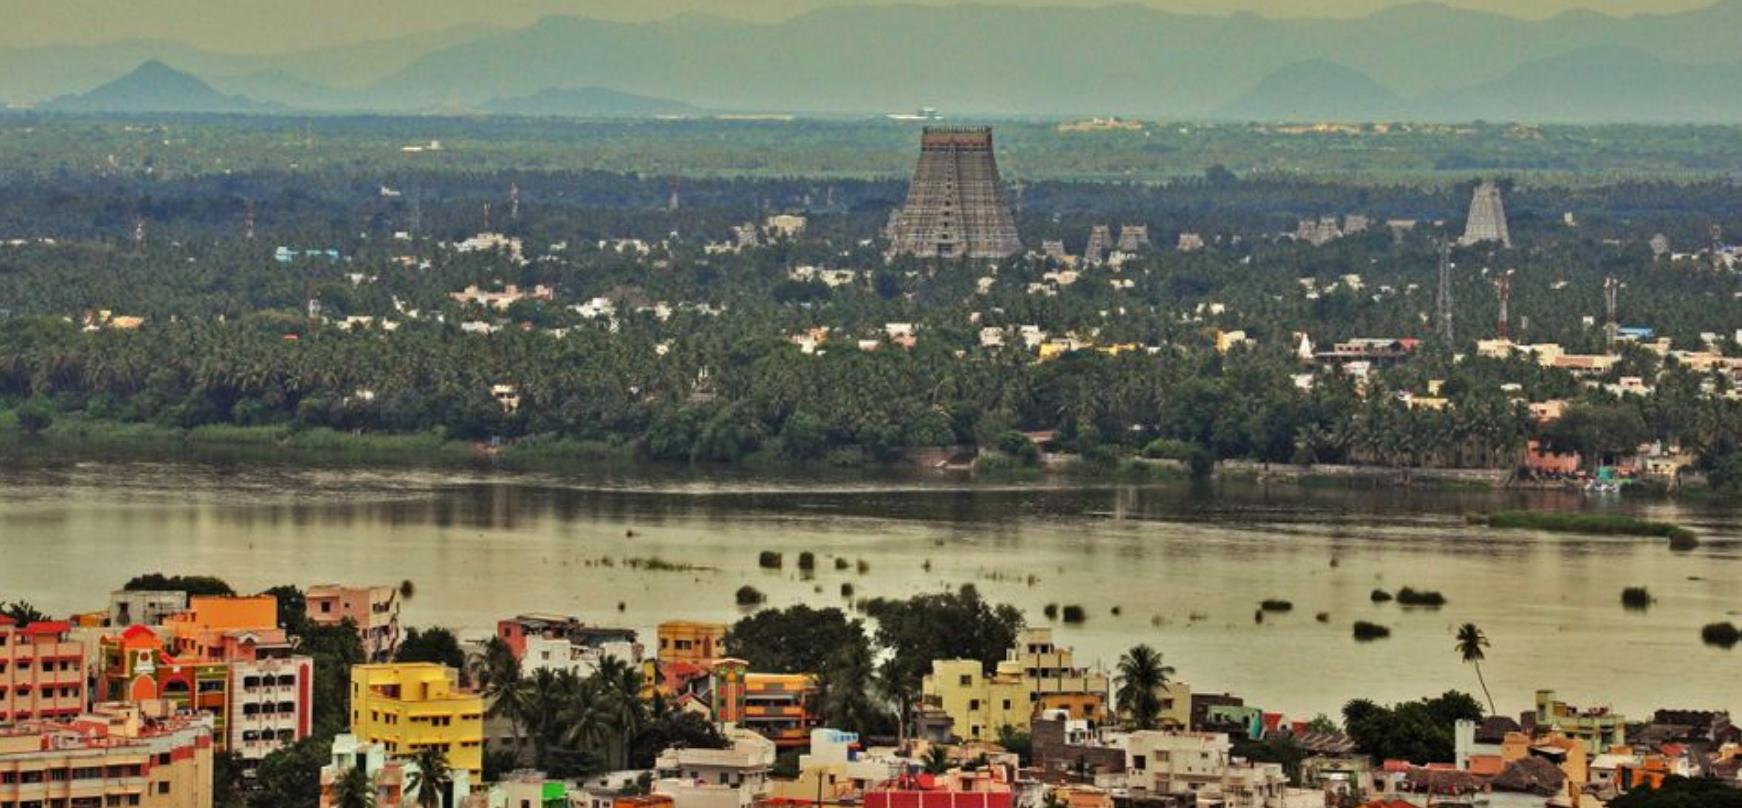 Srirangam temple, Tamil Nadu